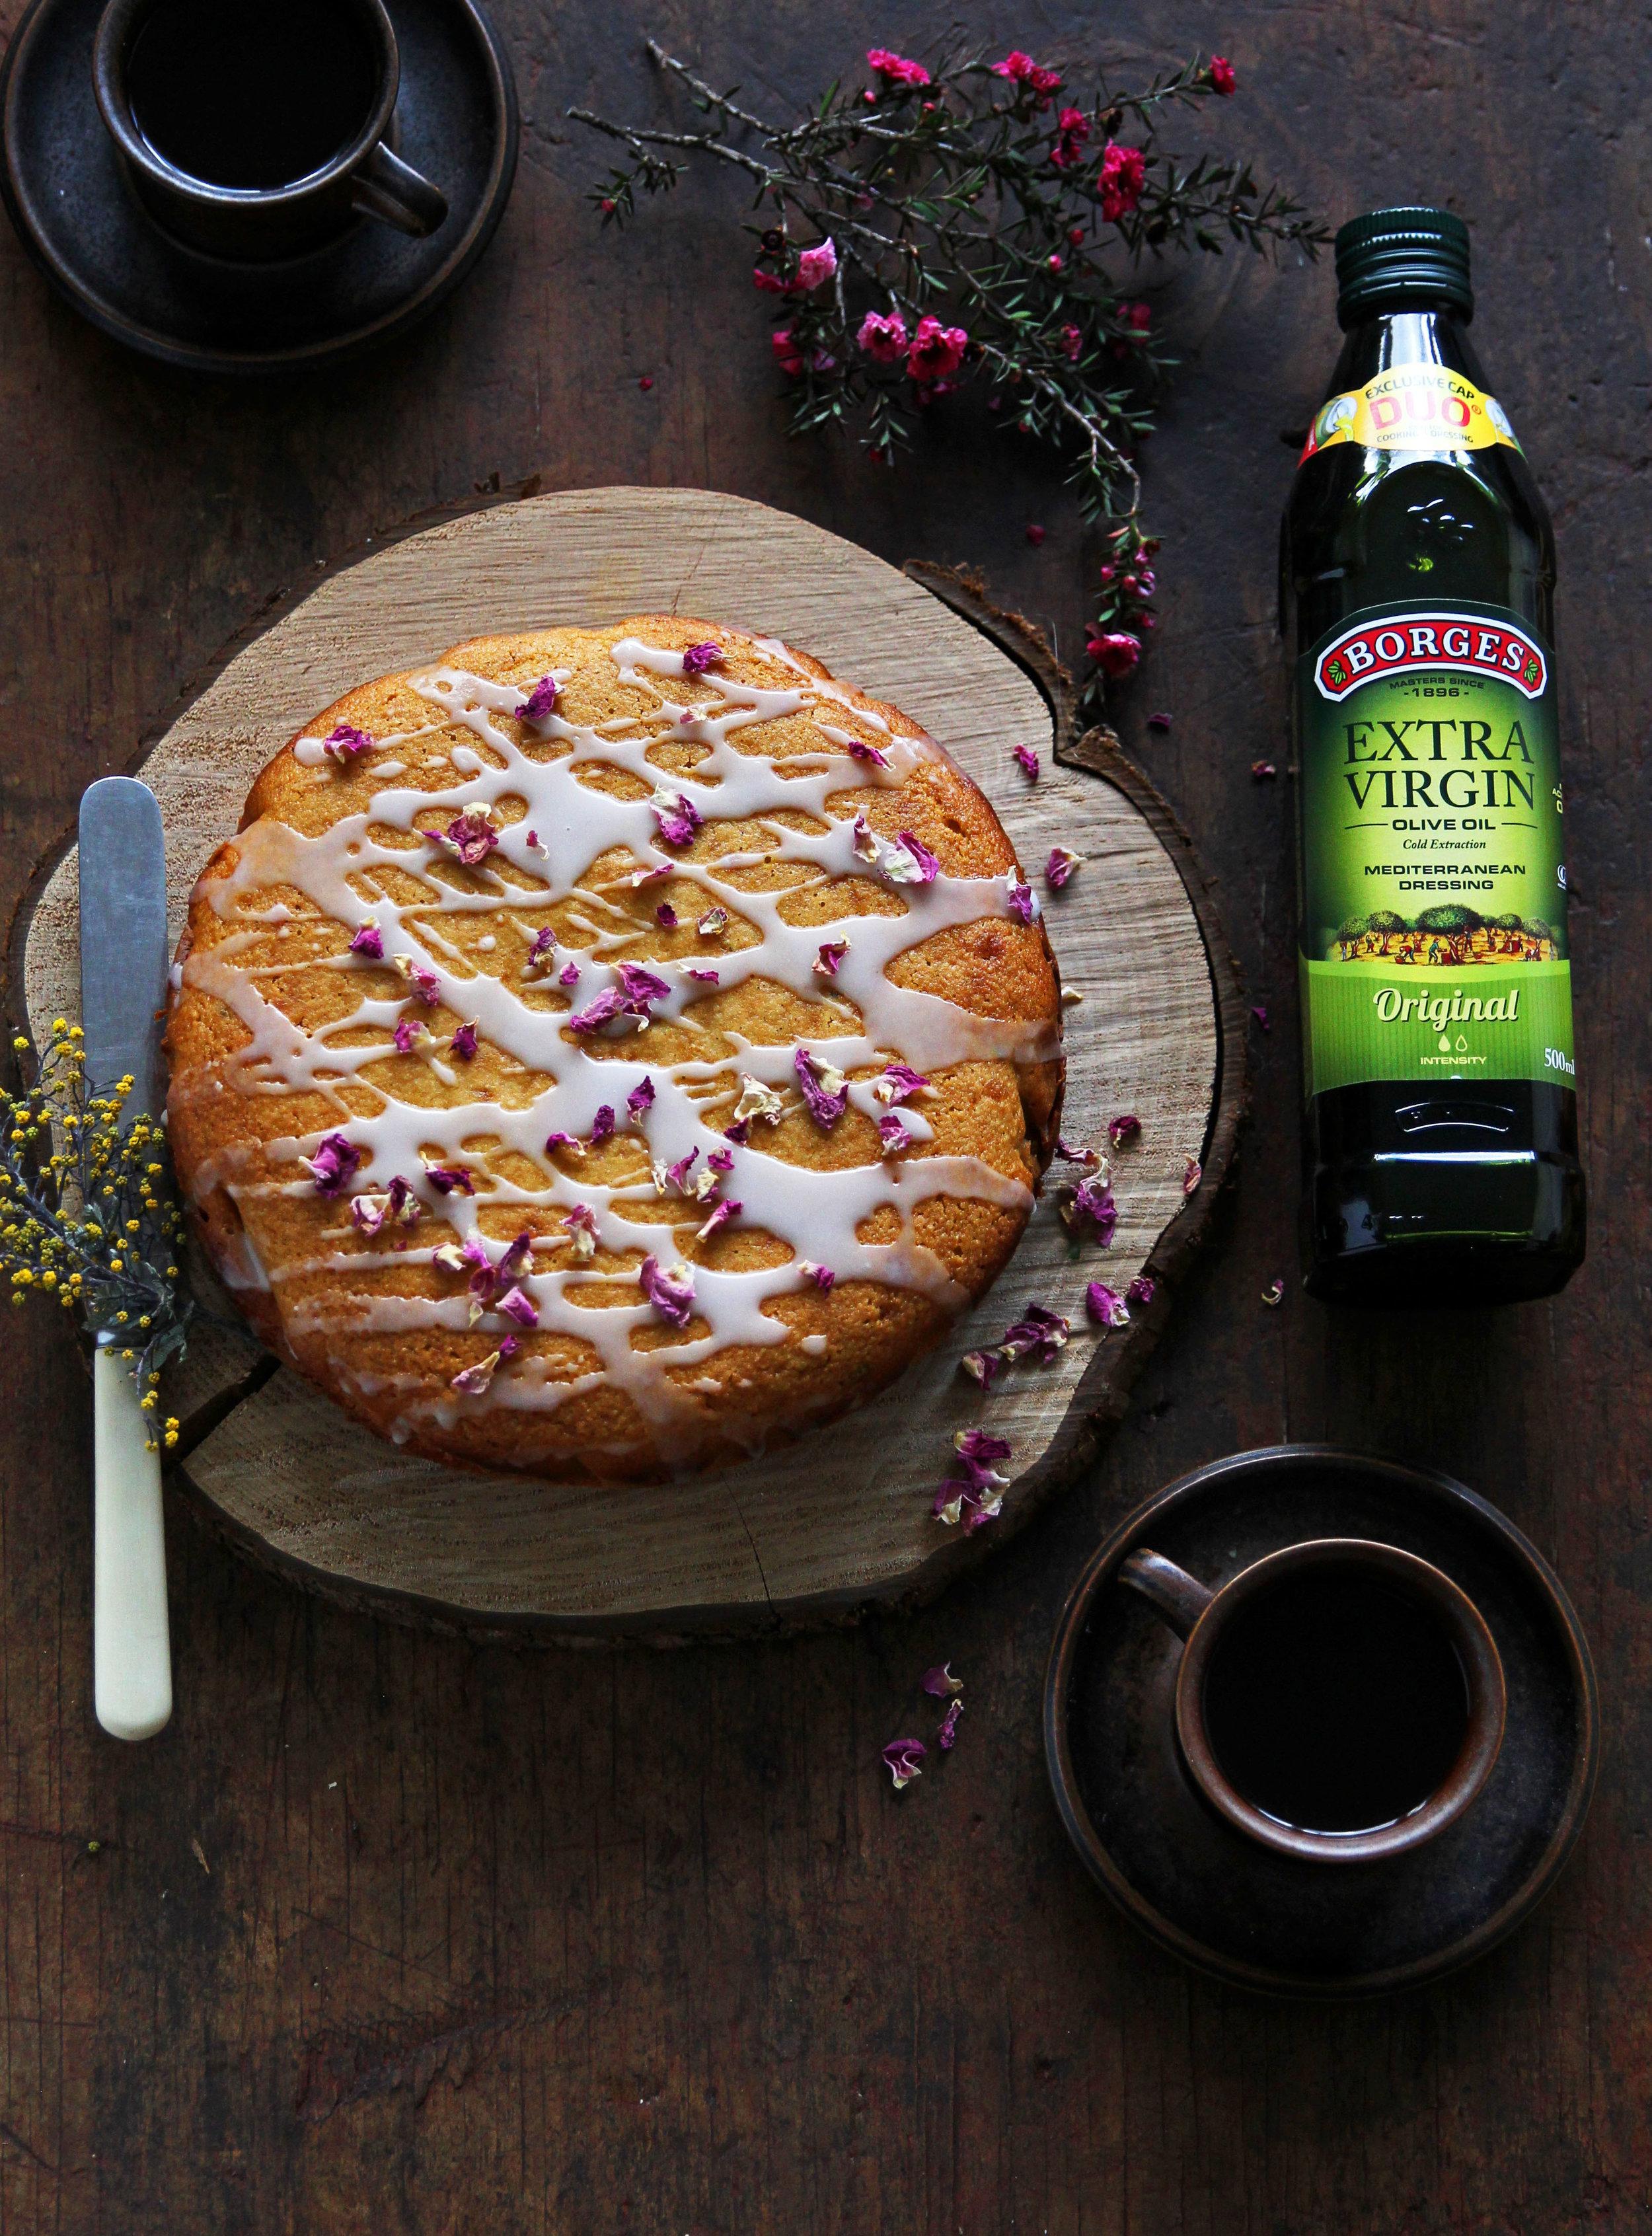 Borges_Olive oil lemon rosemary honey yohurt cake1.jpg